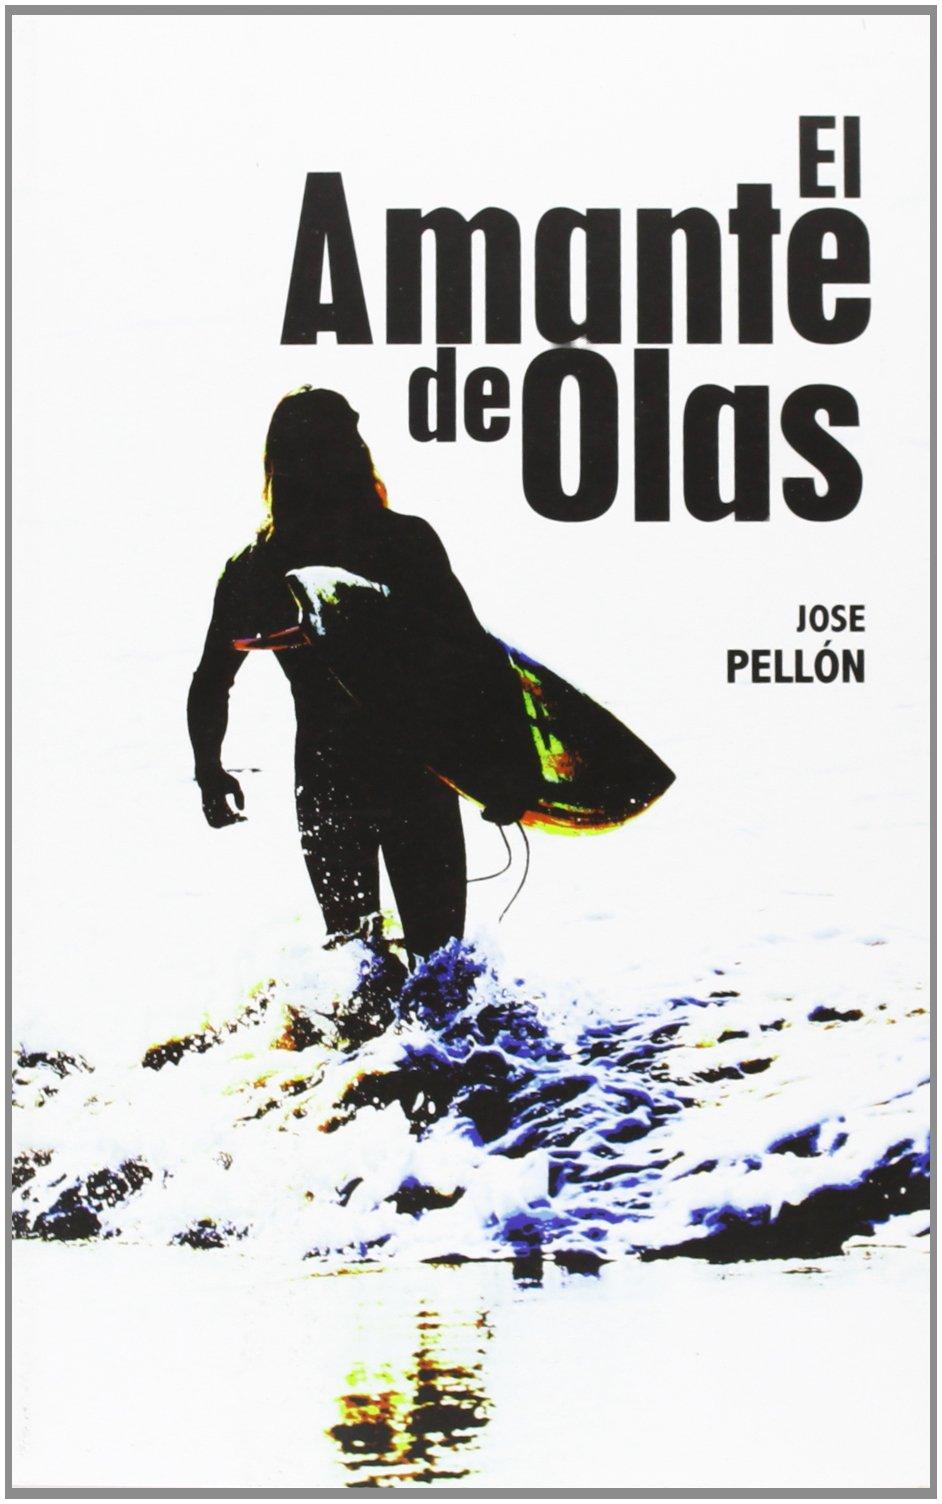 El amante de olas i el origen: Amazon.es: Jose Pellón, Jose Pellón: Libros